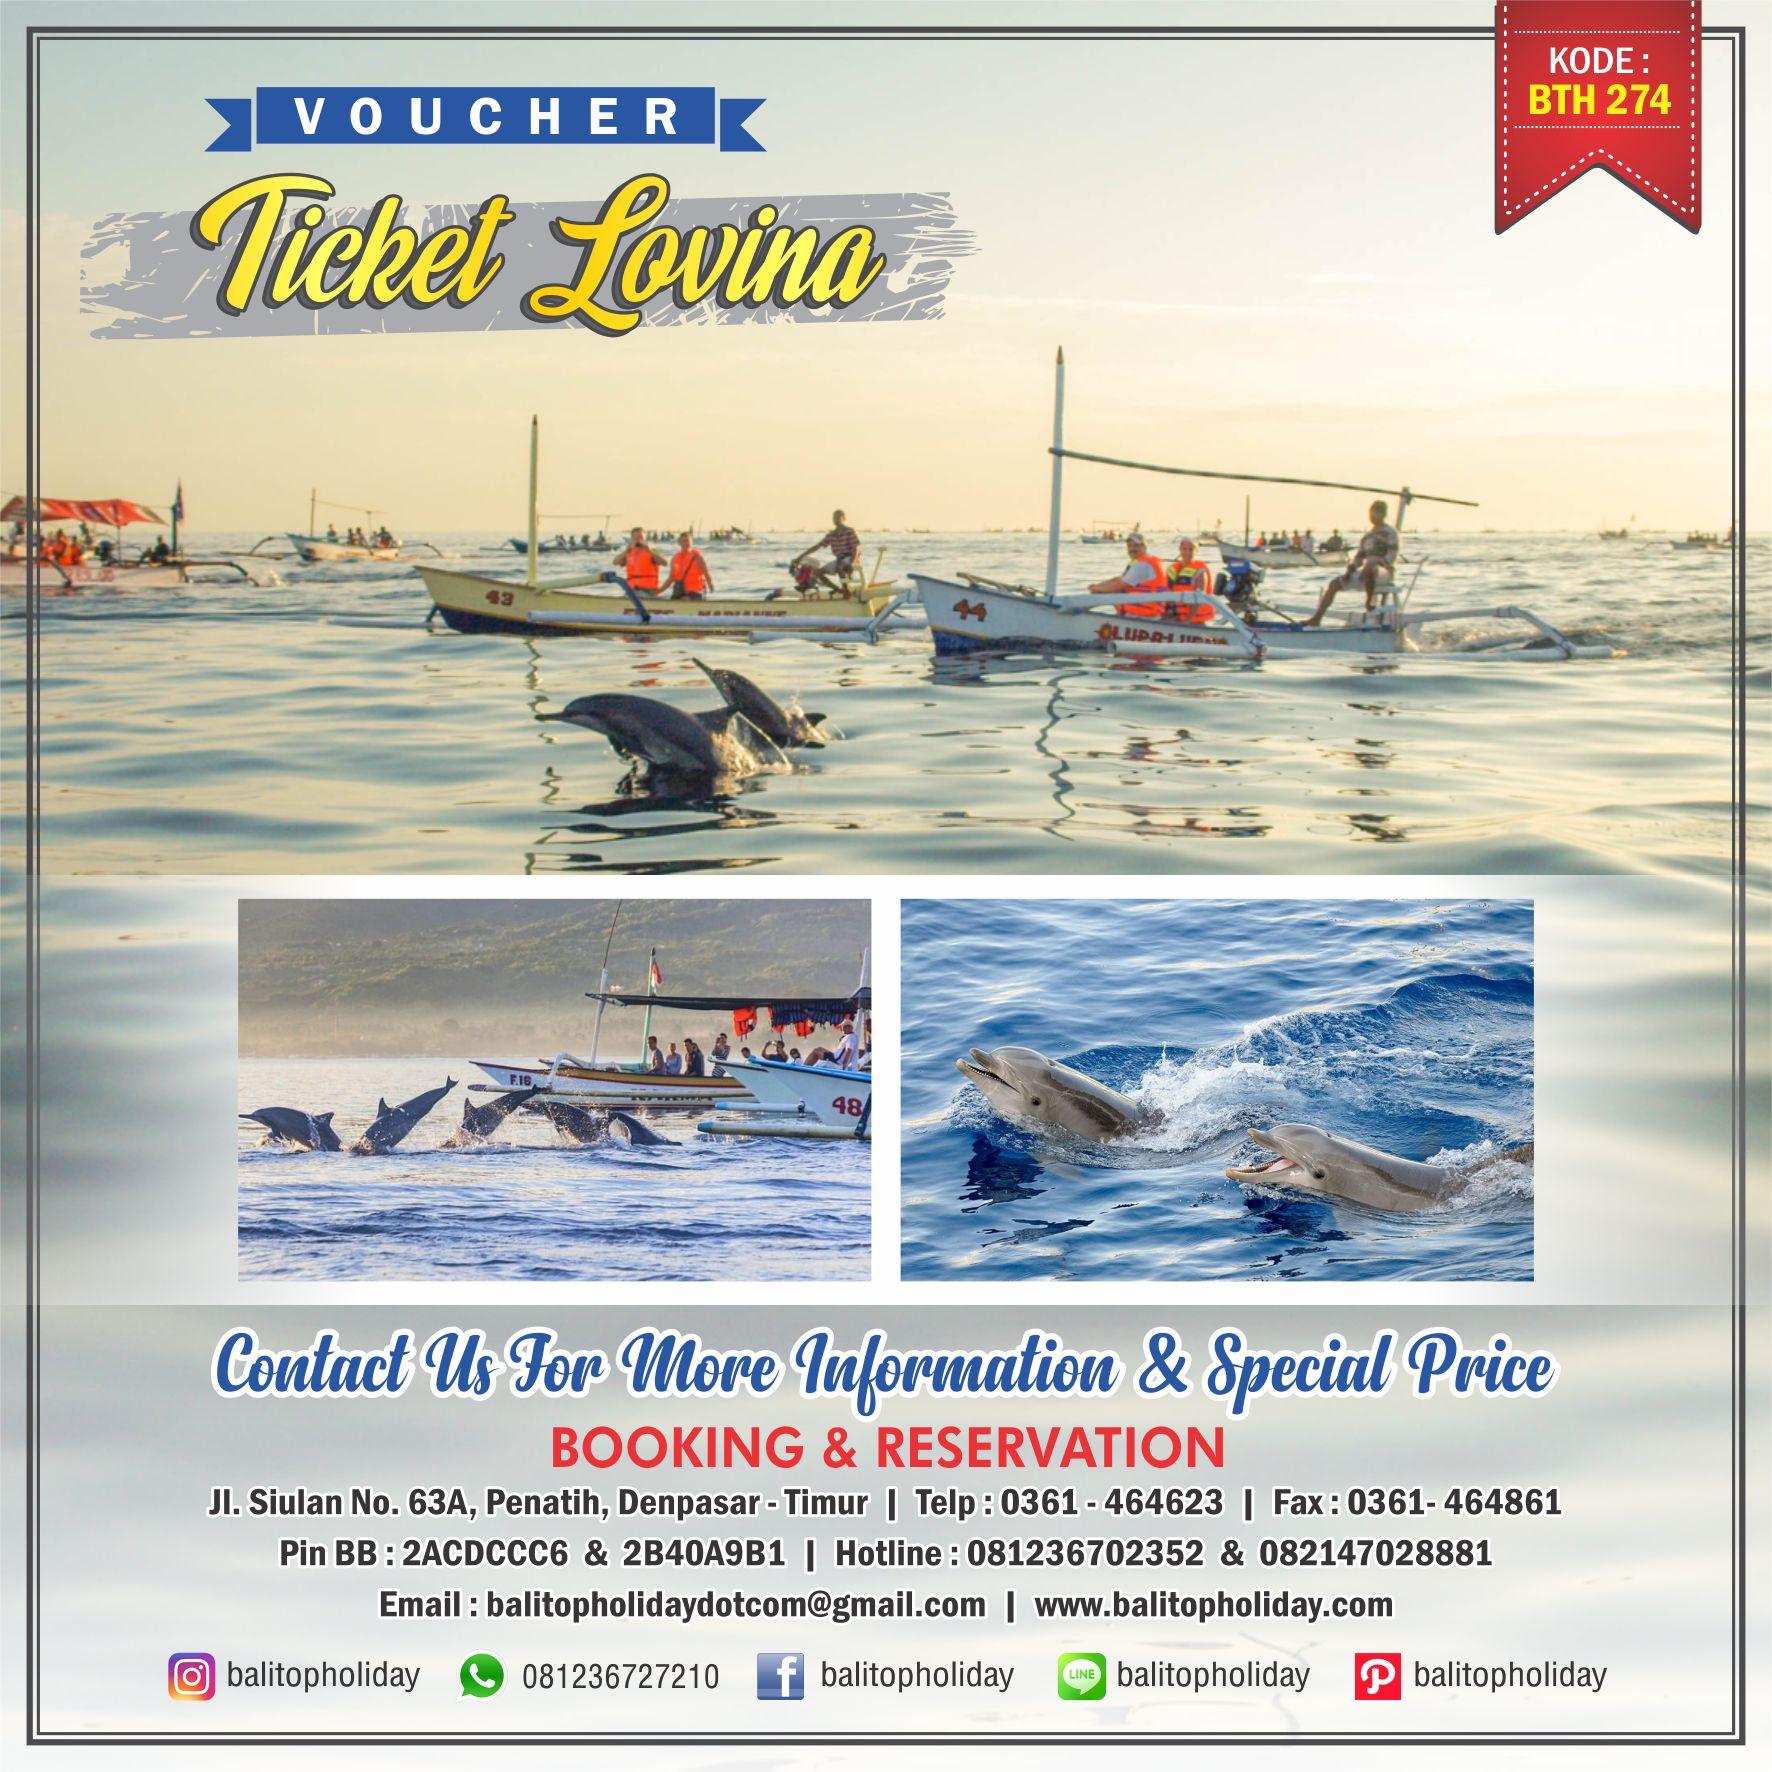 """Lovina merupakan objek wisata yang ada di Bali Utara, tepatnya di kabupaten Buleleng. Daerah ini terkenal dengan pantainya, dan juga aktifitas melihat lumba-lumba di pagi hari. Mungkin di Bali, hanya di Lovina lah kita bisa melihat atraksi dolphin di lepas pantai. Jadi ini memang alami bukan 'buatan' seperti di dalam ruangan. Biaya Melihat Lumba-Lumba di Lovina BaliSave Melihat Lumba-Lumba di Lovina Bali Lumba-Lumba Lovina Bali Lumba-Lumba Lovina Bali Foto Melihat Dolphin atau Lumba-lumba di Lovina, Bali Biaya melihat lumba-lumba di Lovina adalah harga yang dikenakan per-ORANG untuk melihat dolphin atau lumba-lumba di lepas pantai Lovina dengan menggunakan kapal tradisional atau orang Bali bilang Jukung. Nah dengan jukung yang akan dikemudikan 1 orang, kita ke tengah laut di pagi-pagi buta sekitar jam 6. Terus selesai melihat lumba-lumba sekitar jam 8. Jadi bagi yang menginap di Bali Selatan terutama Kuta dan sekitarnya, disarankan jam 2 atau 3 pagi sudah meluncur ke lokasi. perjalanan diperkirakan menempuh waktu sekitar 3 jam. Bagi yang tidak ingin melewatkan aktifitas snorkeling di Lovina setelah melihat dolphin, kami juga menyediakan harga paket lihat Lumba-lumba + snorkeling yang tentunya harga masih sangat terjangkau. Dibanding snorkeling di Tanjung Benoa, aktifitas """"menyelam permukaan"""" di Lovina ini waktunya tidak dibatasi. Jadi bisa nyemplung + berenang sepuasnya. Oya, harganya sudah termasuk peralatan snorkeling ya seperti fin, snorkel, kacamata google, pelampung.."""